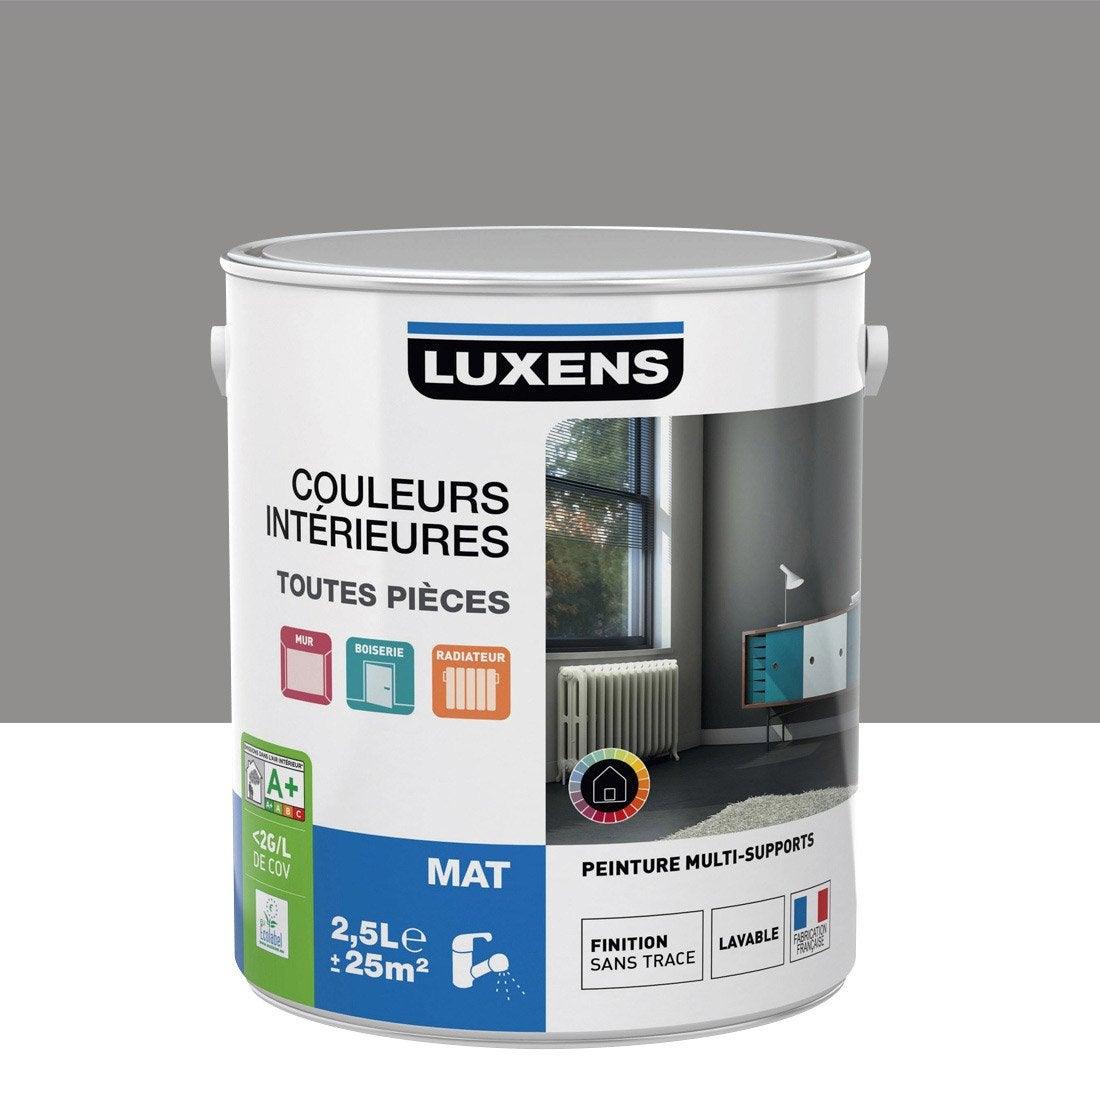 peinture gris galet 3 luxens couleurs int rieures mat 2 5 l leroy merlin. Black Bedroom Furniture Sets. Home Design Ideas